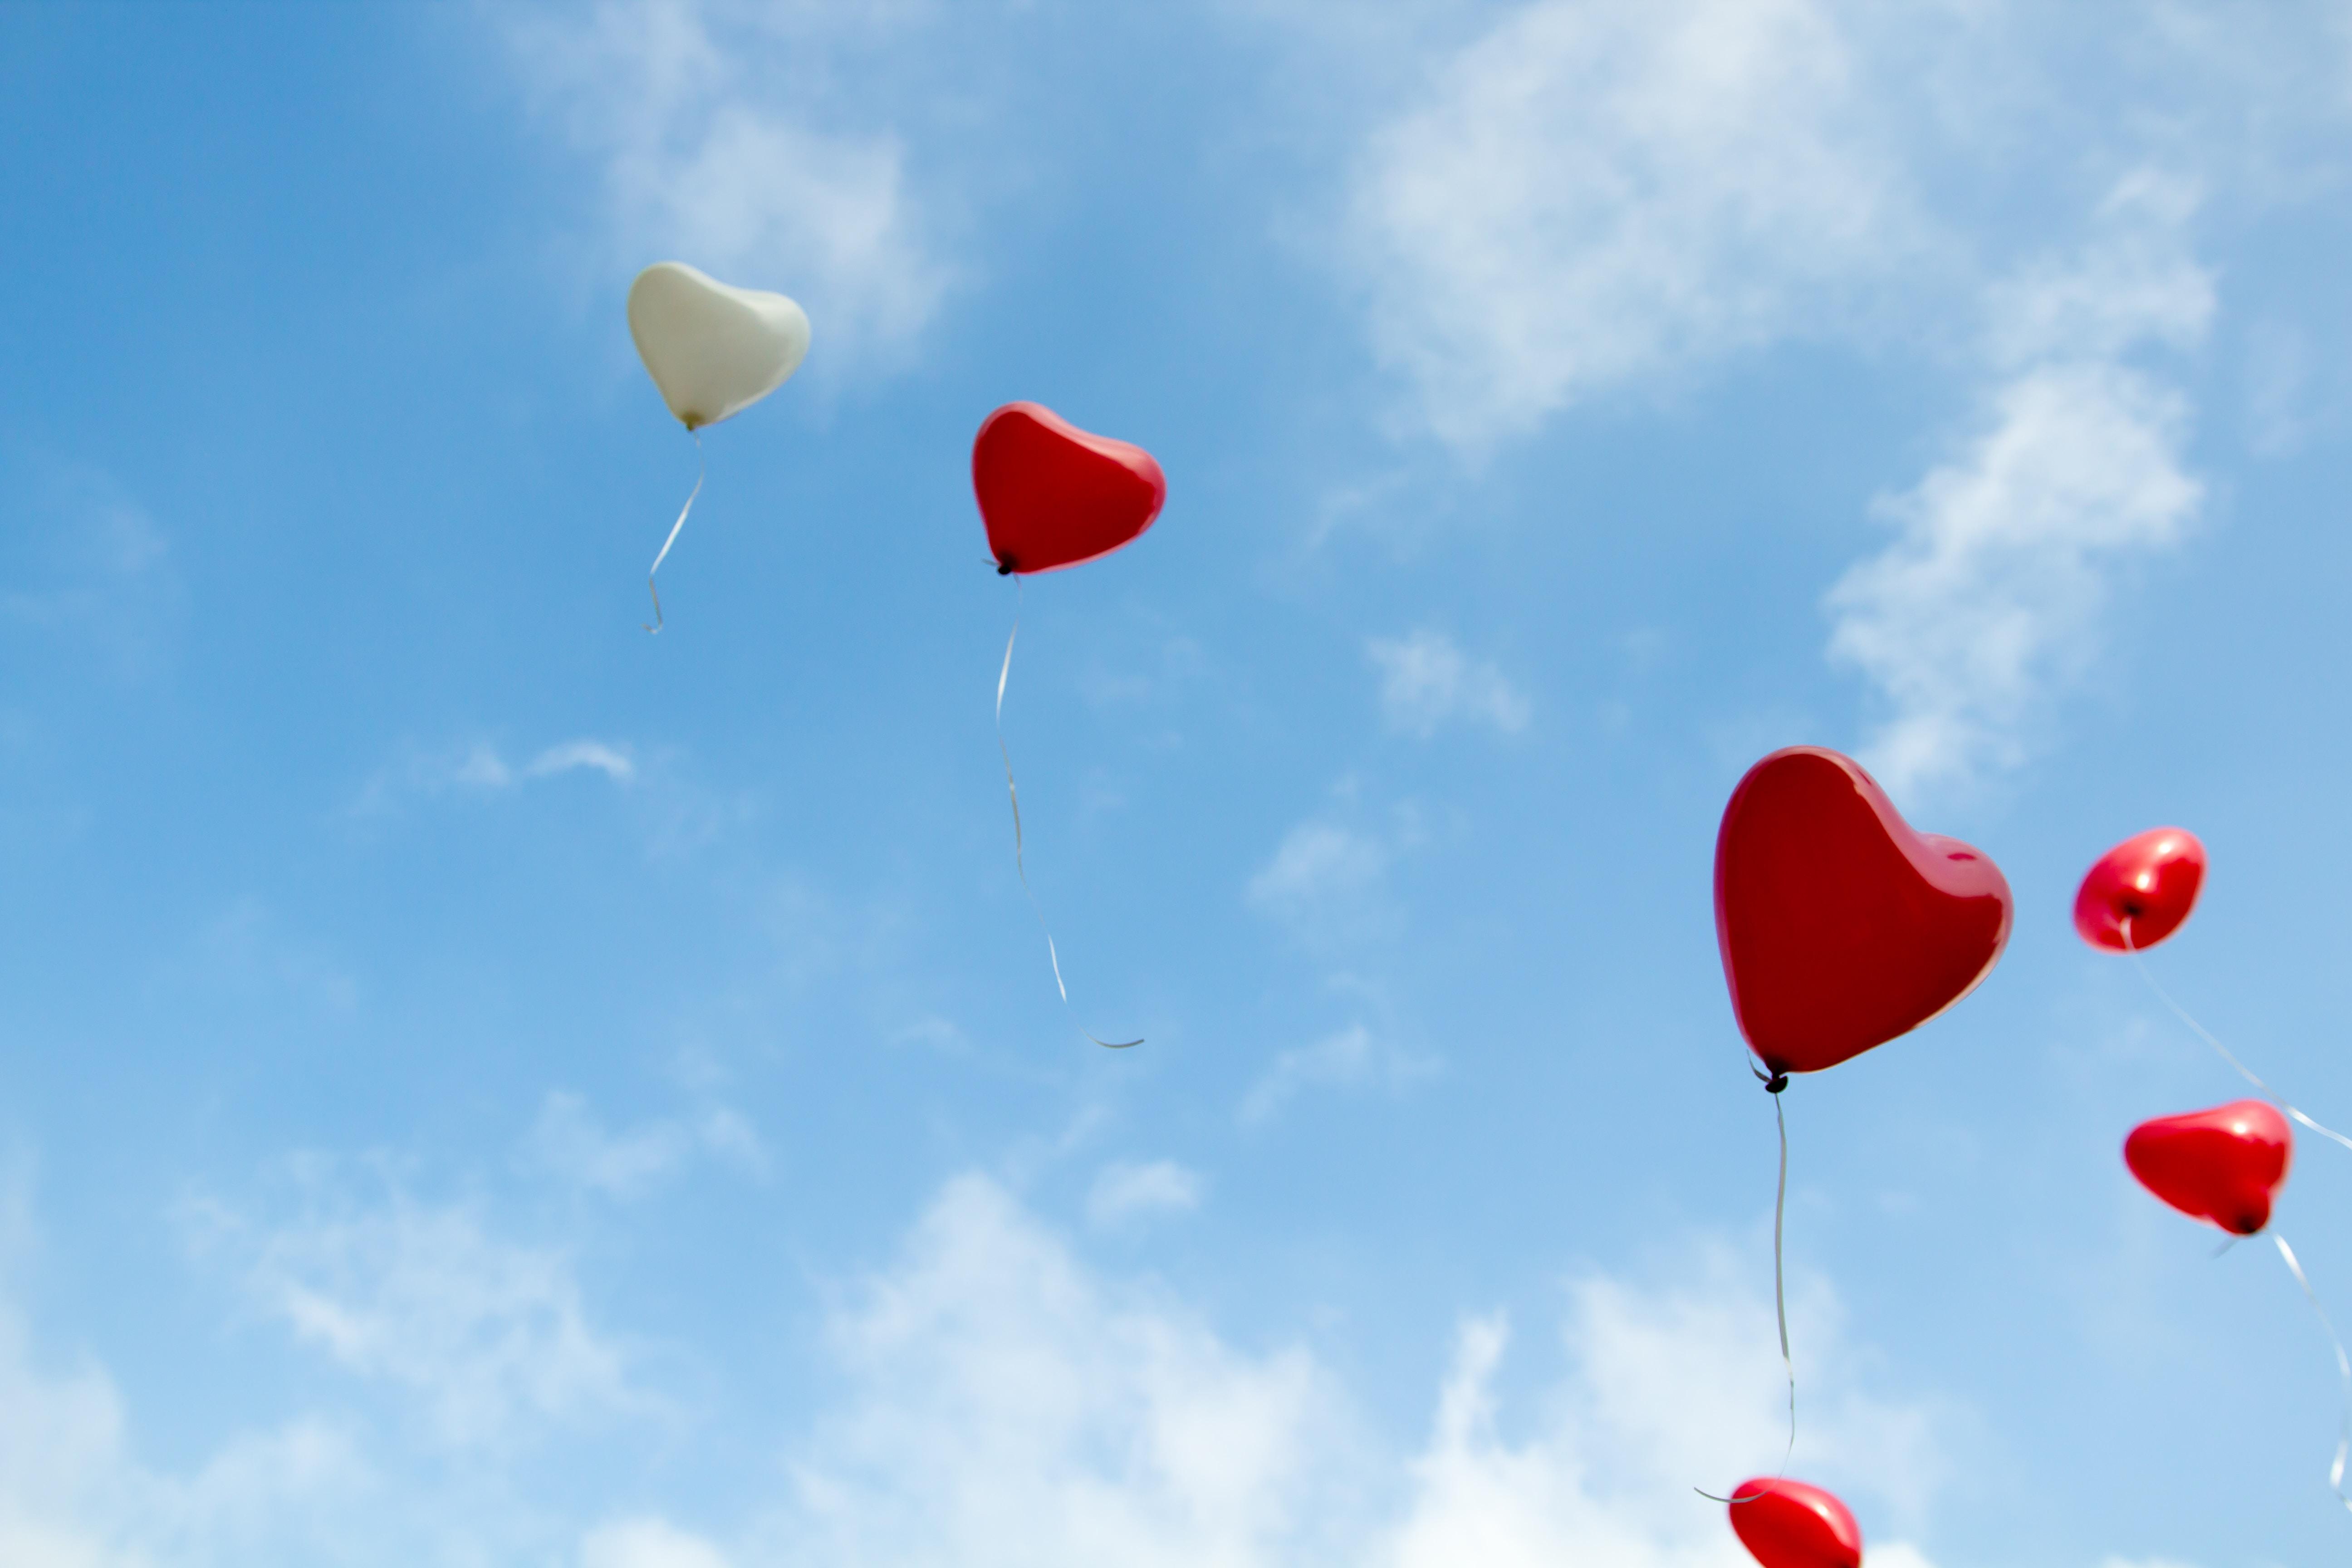 愛は技術。幸せは、愛されることではなく、愛することから始まる